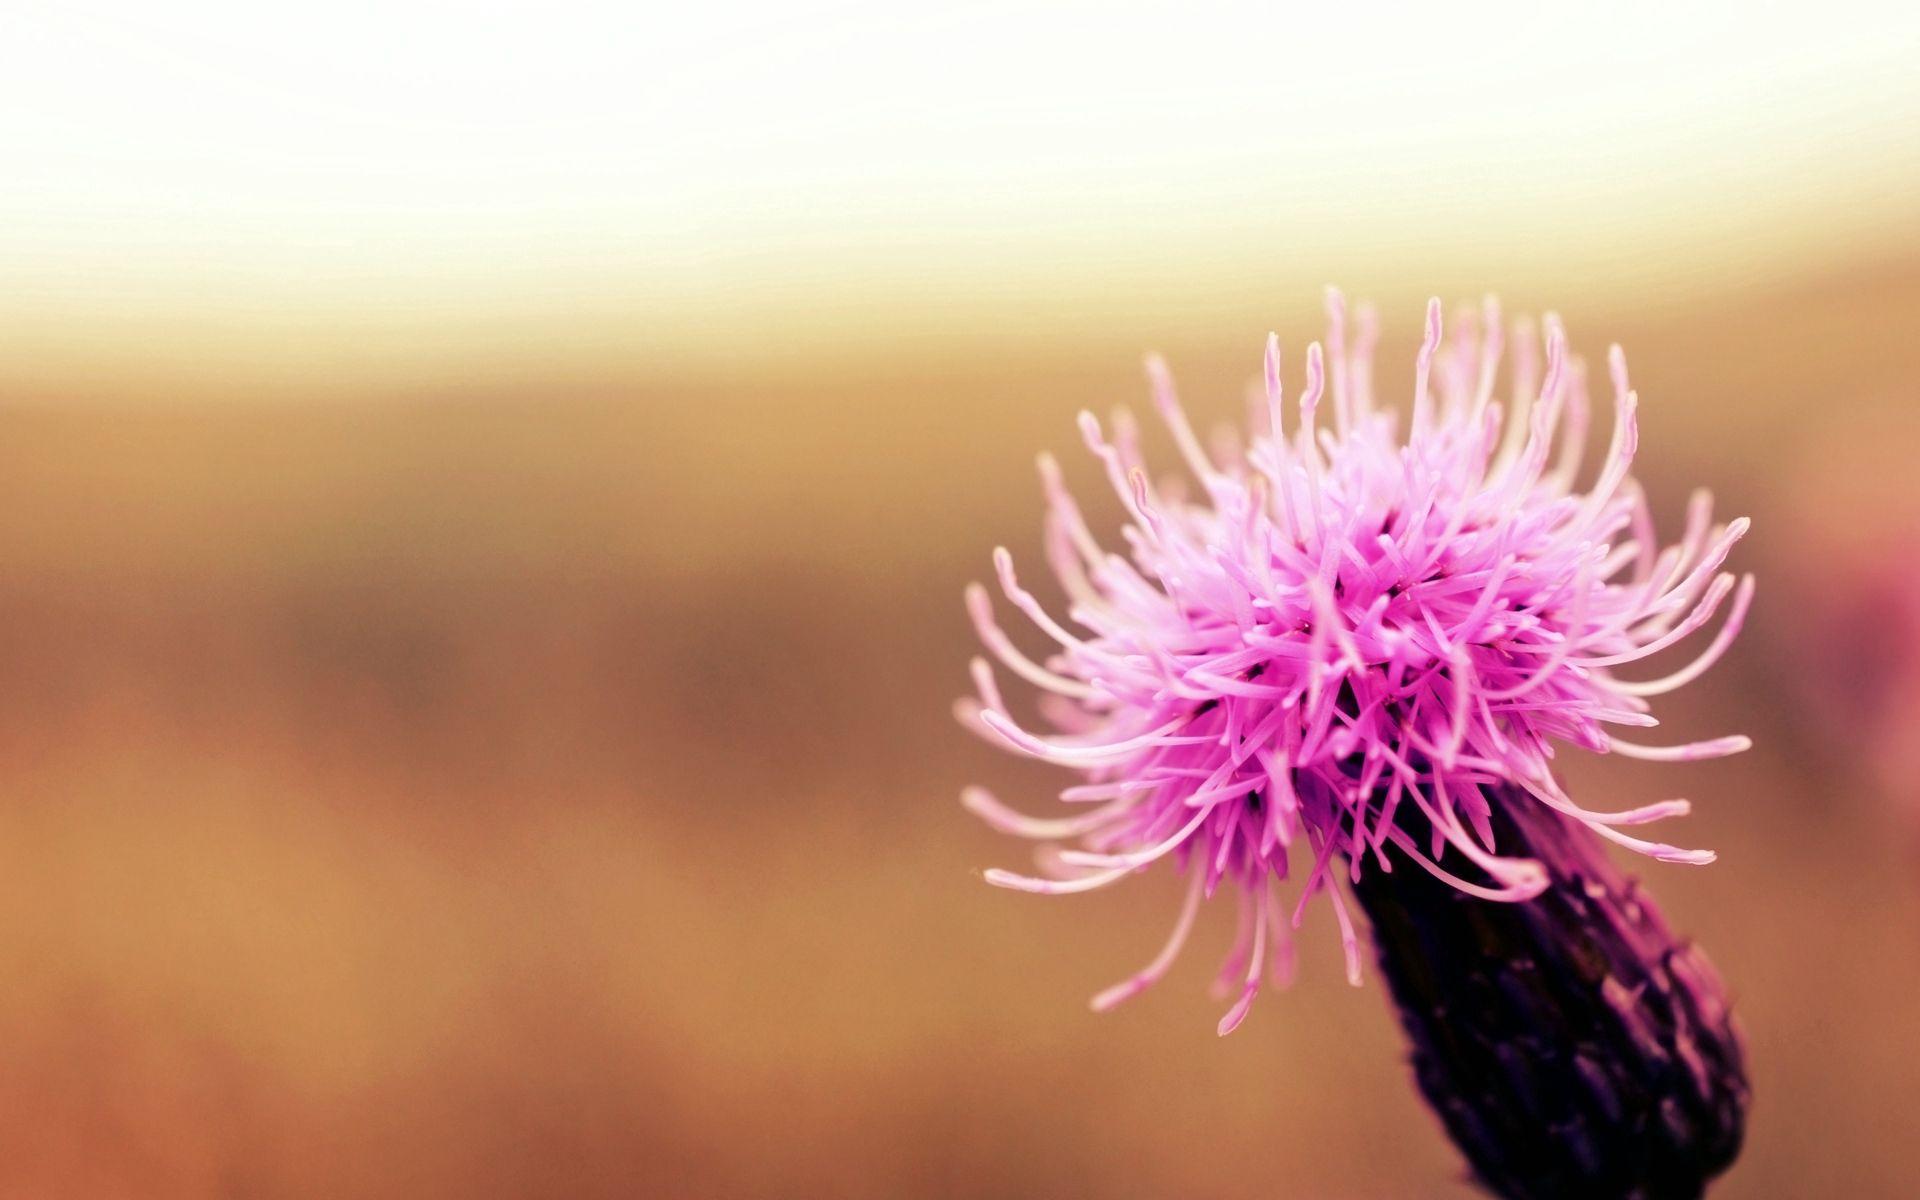 86261 скачать обои Макро, Цветок, Растение, Свет, Фон - заставки и картинки бесплатно